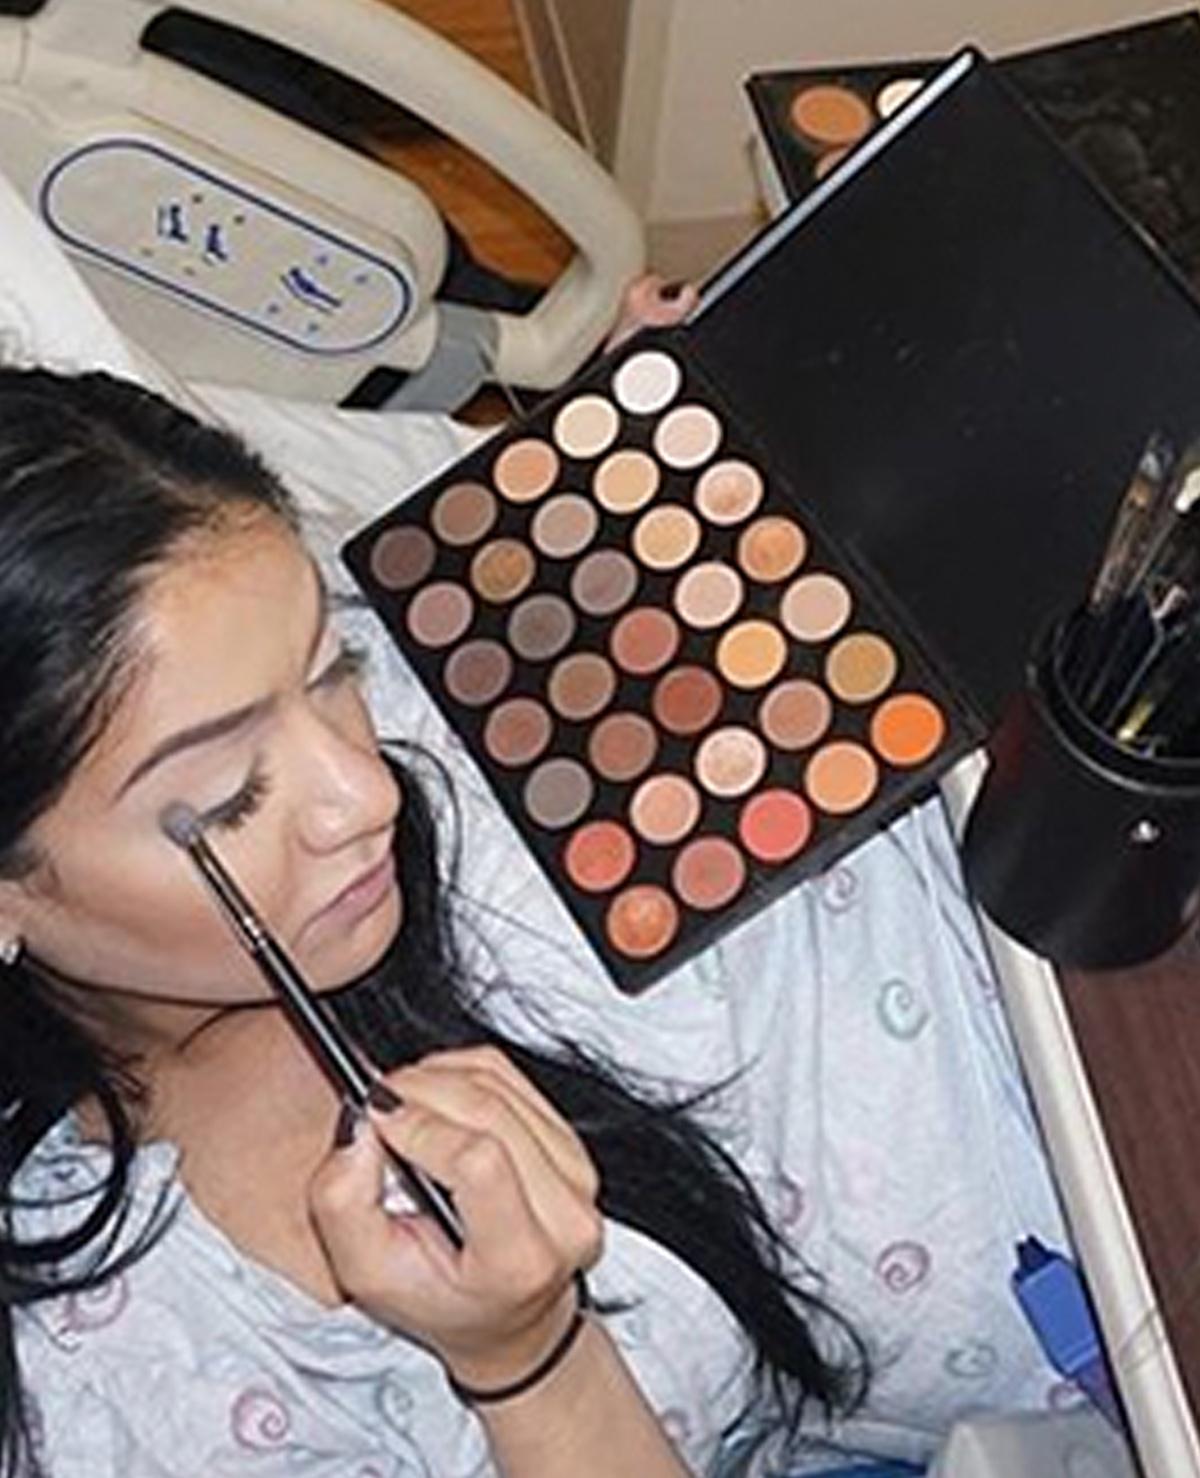 BIZAR: deze beautyblogger doet haar make-up tijdens de bevalling